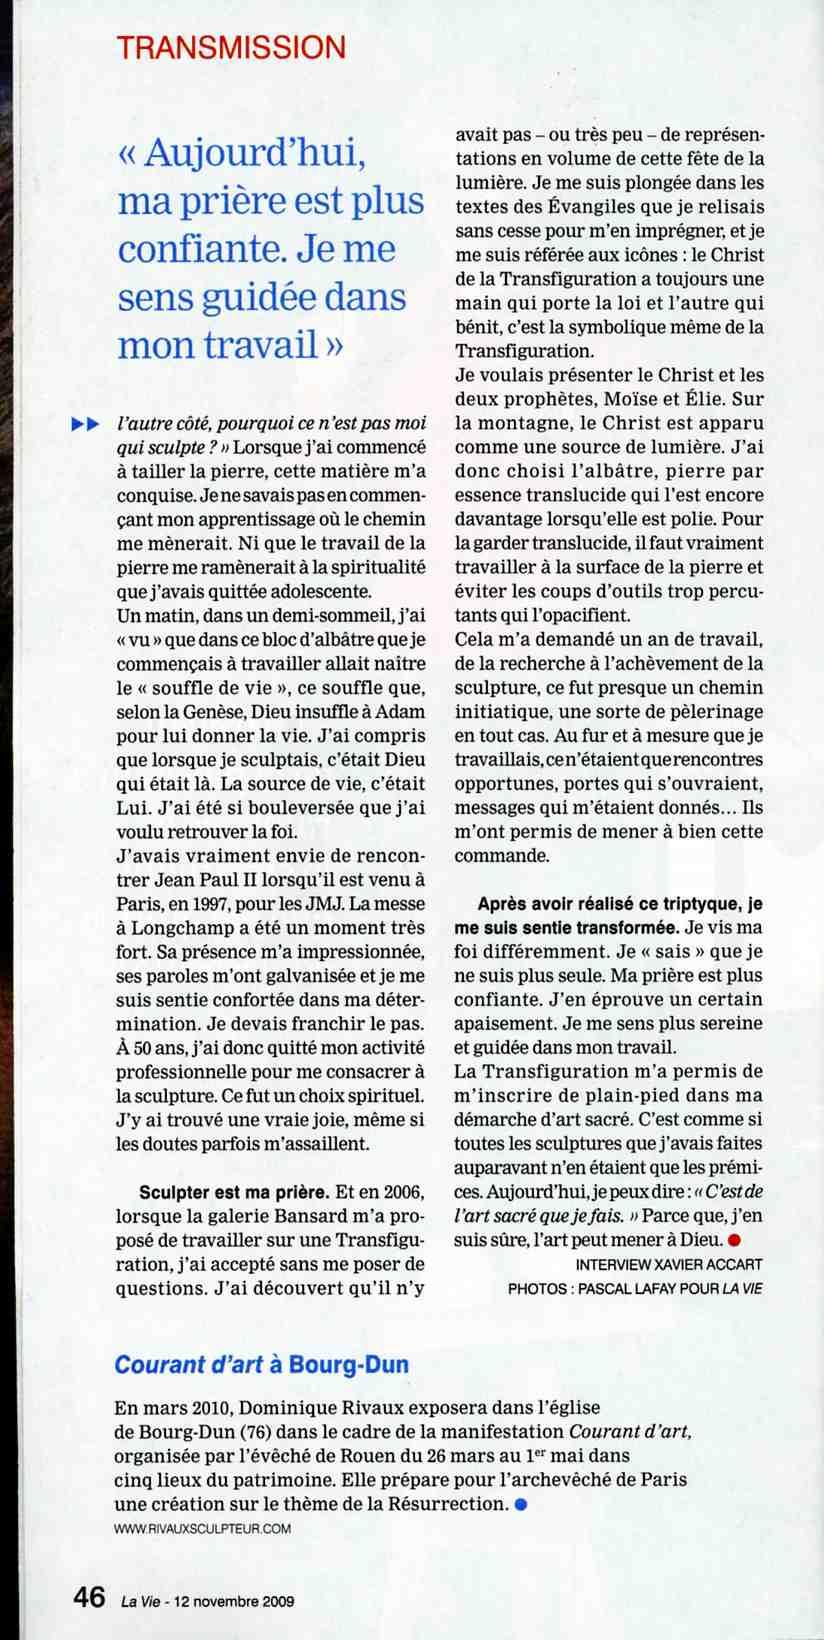 """Sculpter est ma prière - Article de """"La Vie"""" par Martine PERRIN"""